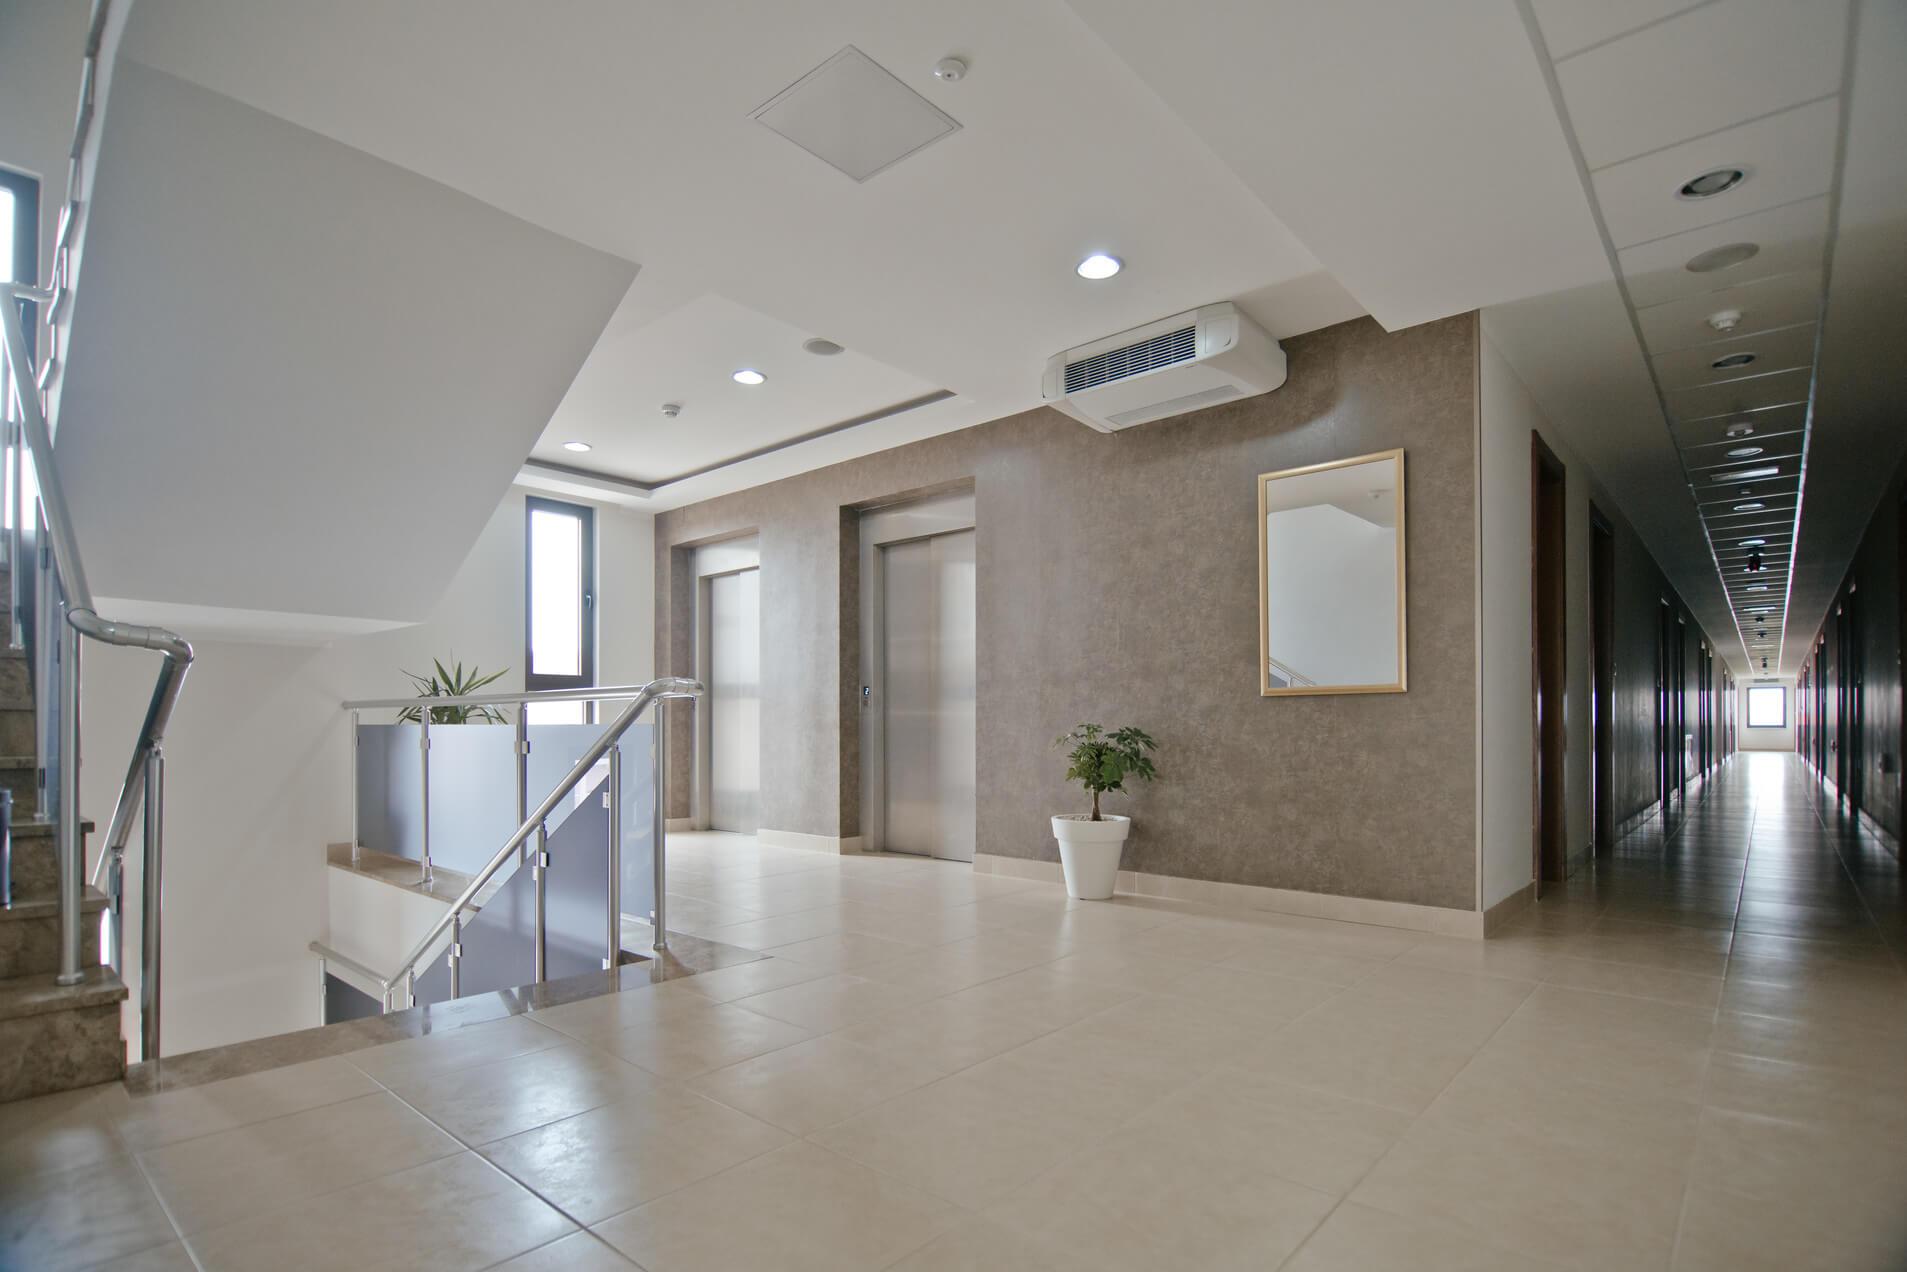 Hodnik/Sala/Corridor